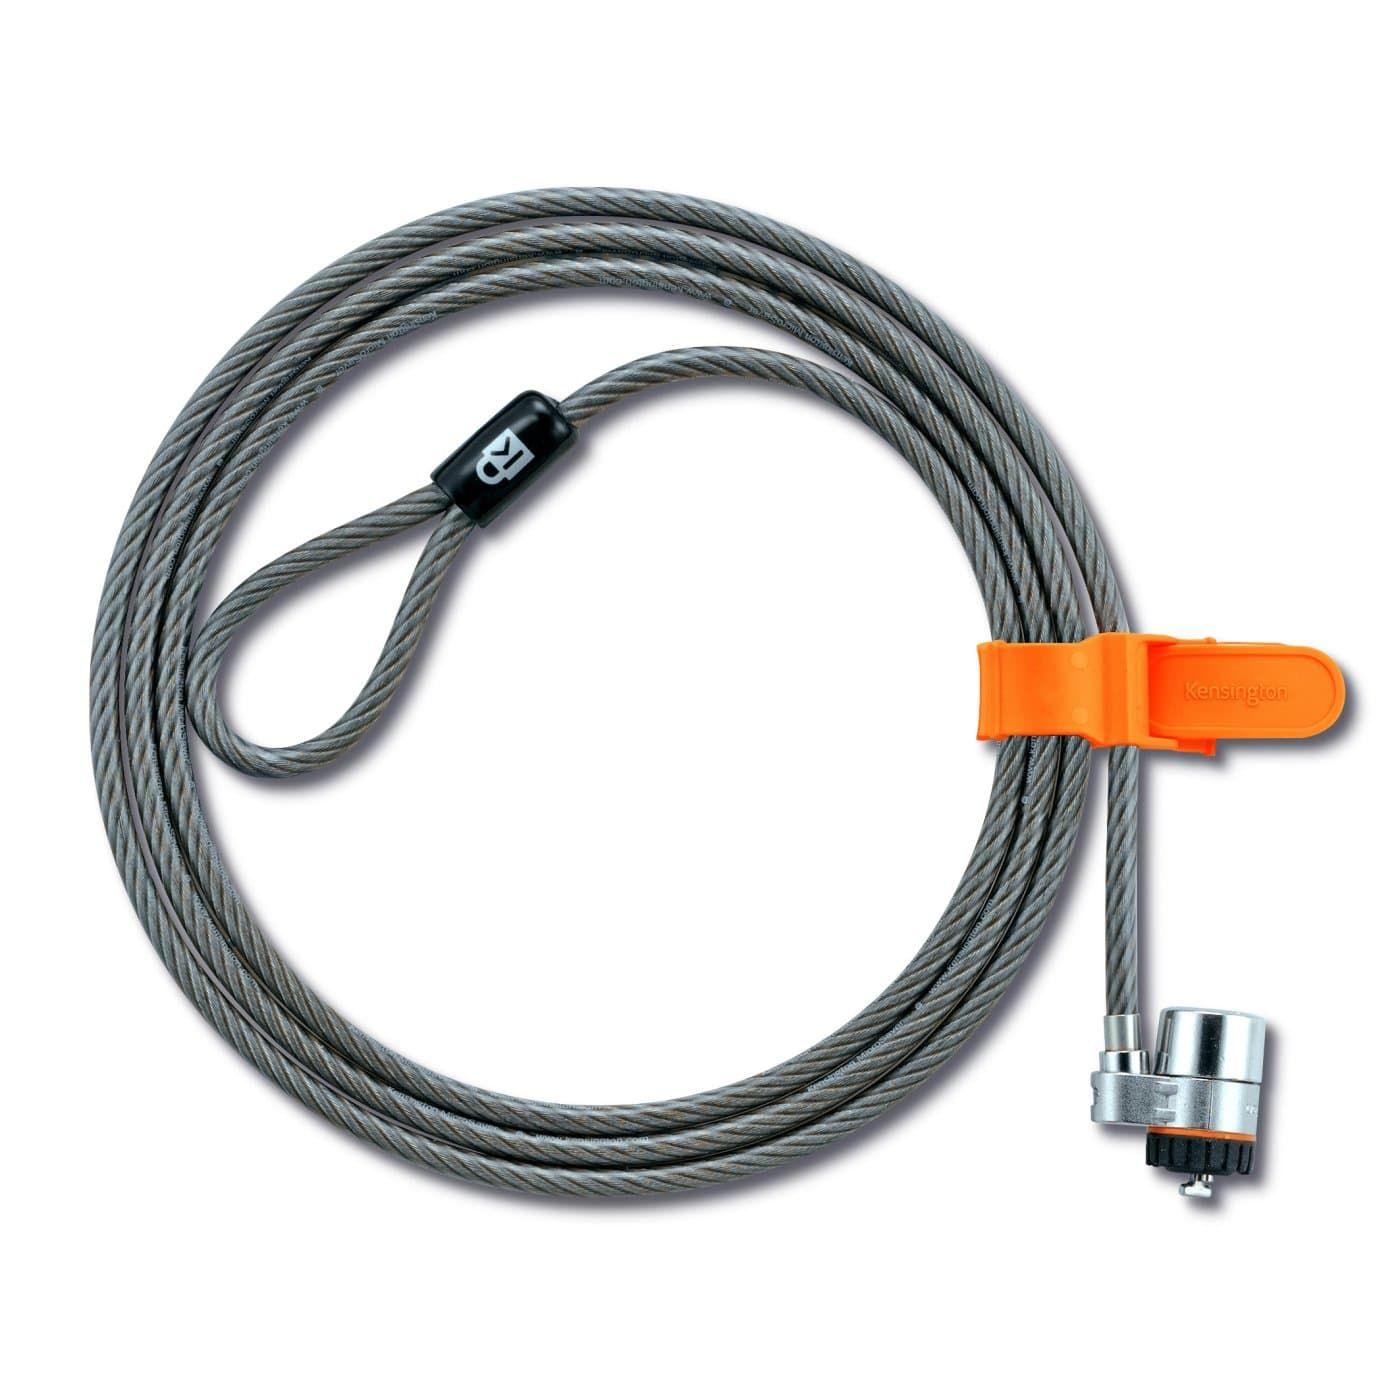 Kensington - Products - Security - Keyed Locks - MicroSaver® Keyed ...